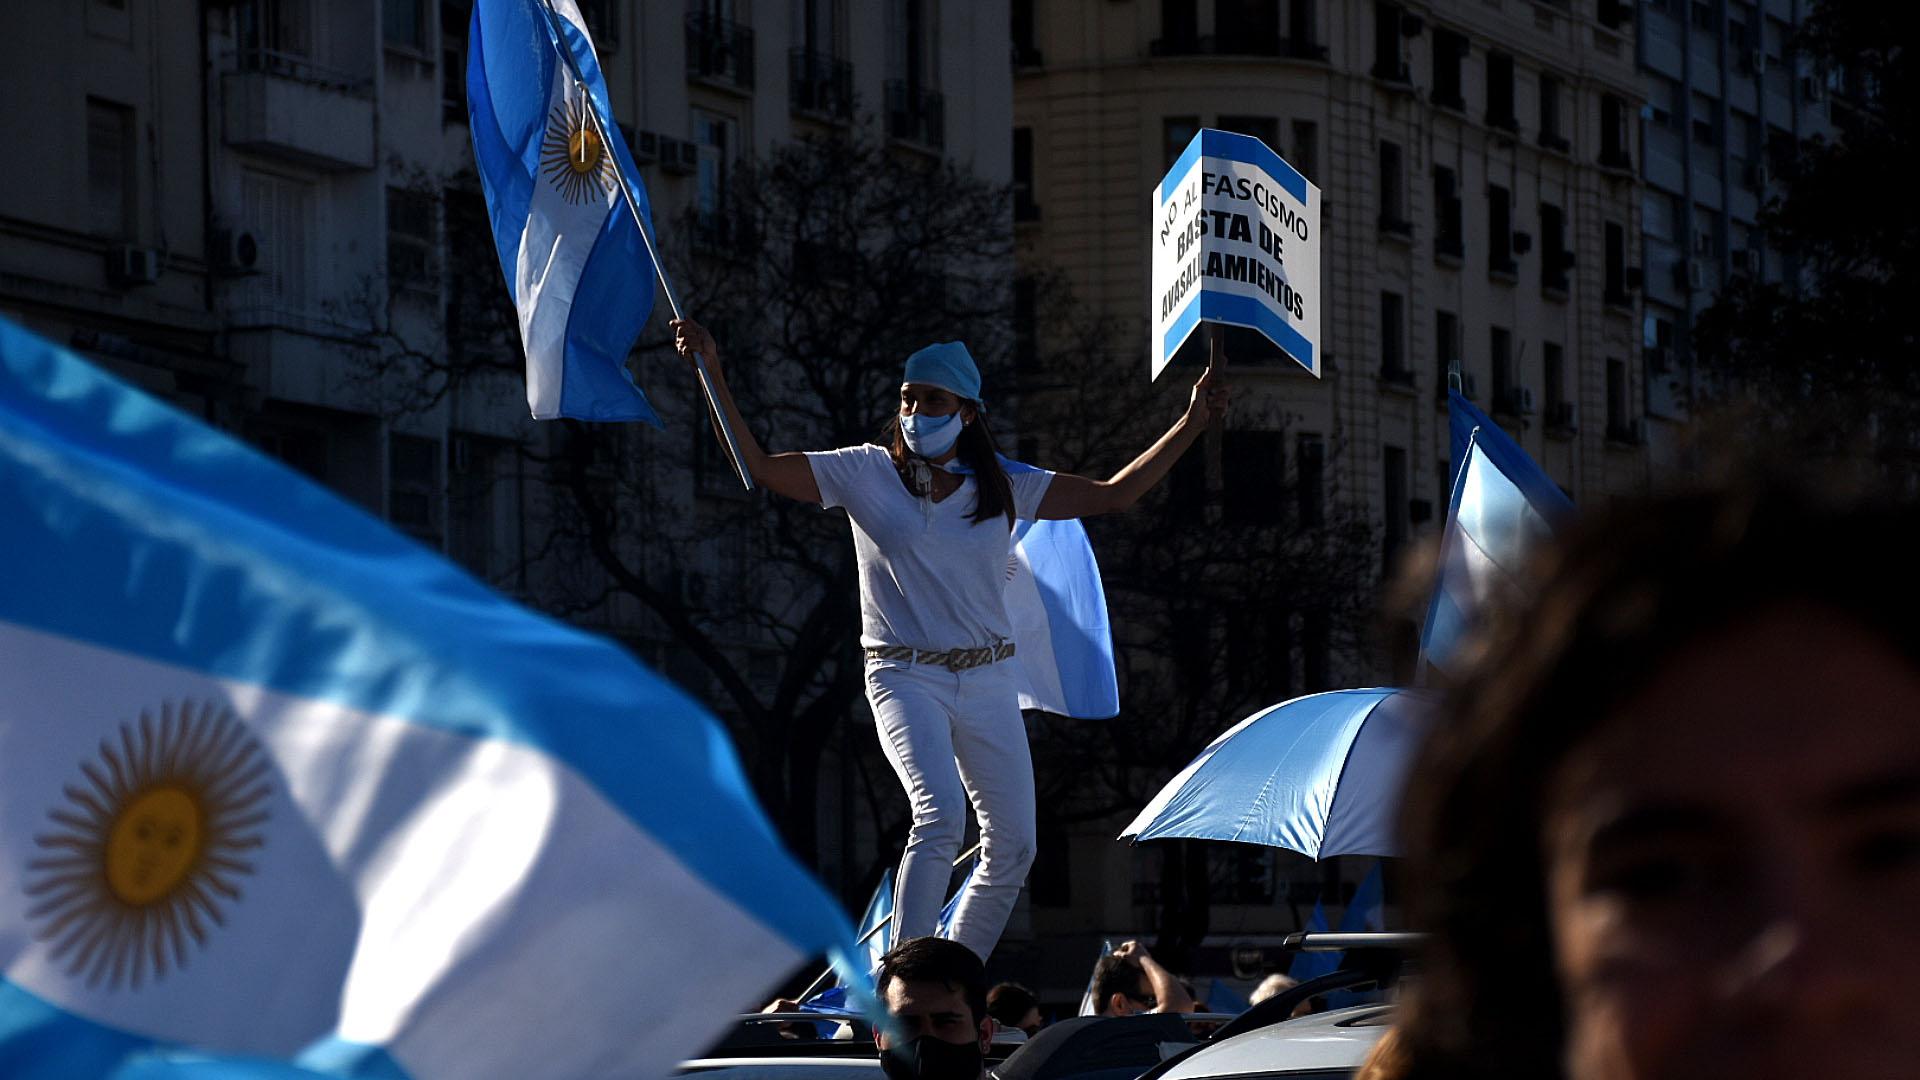 Una mujer protestó con una bandera argentina arriba del techo de un auto